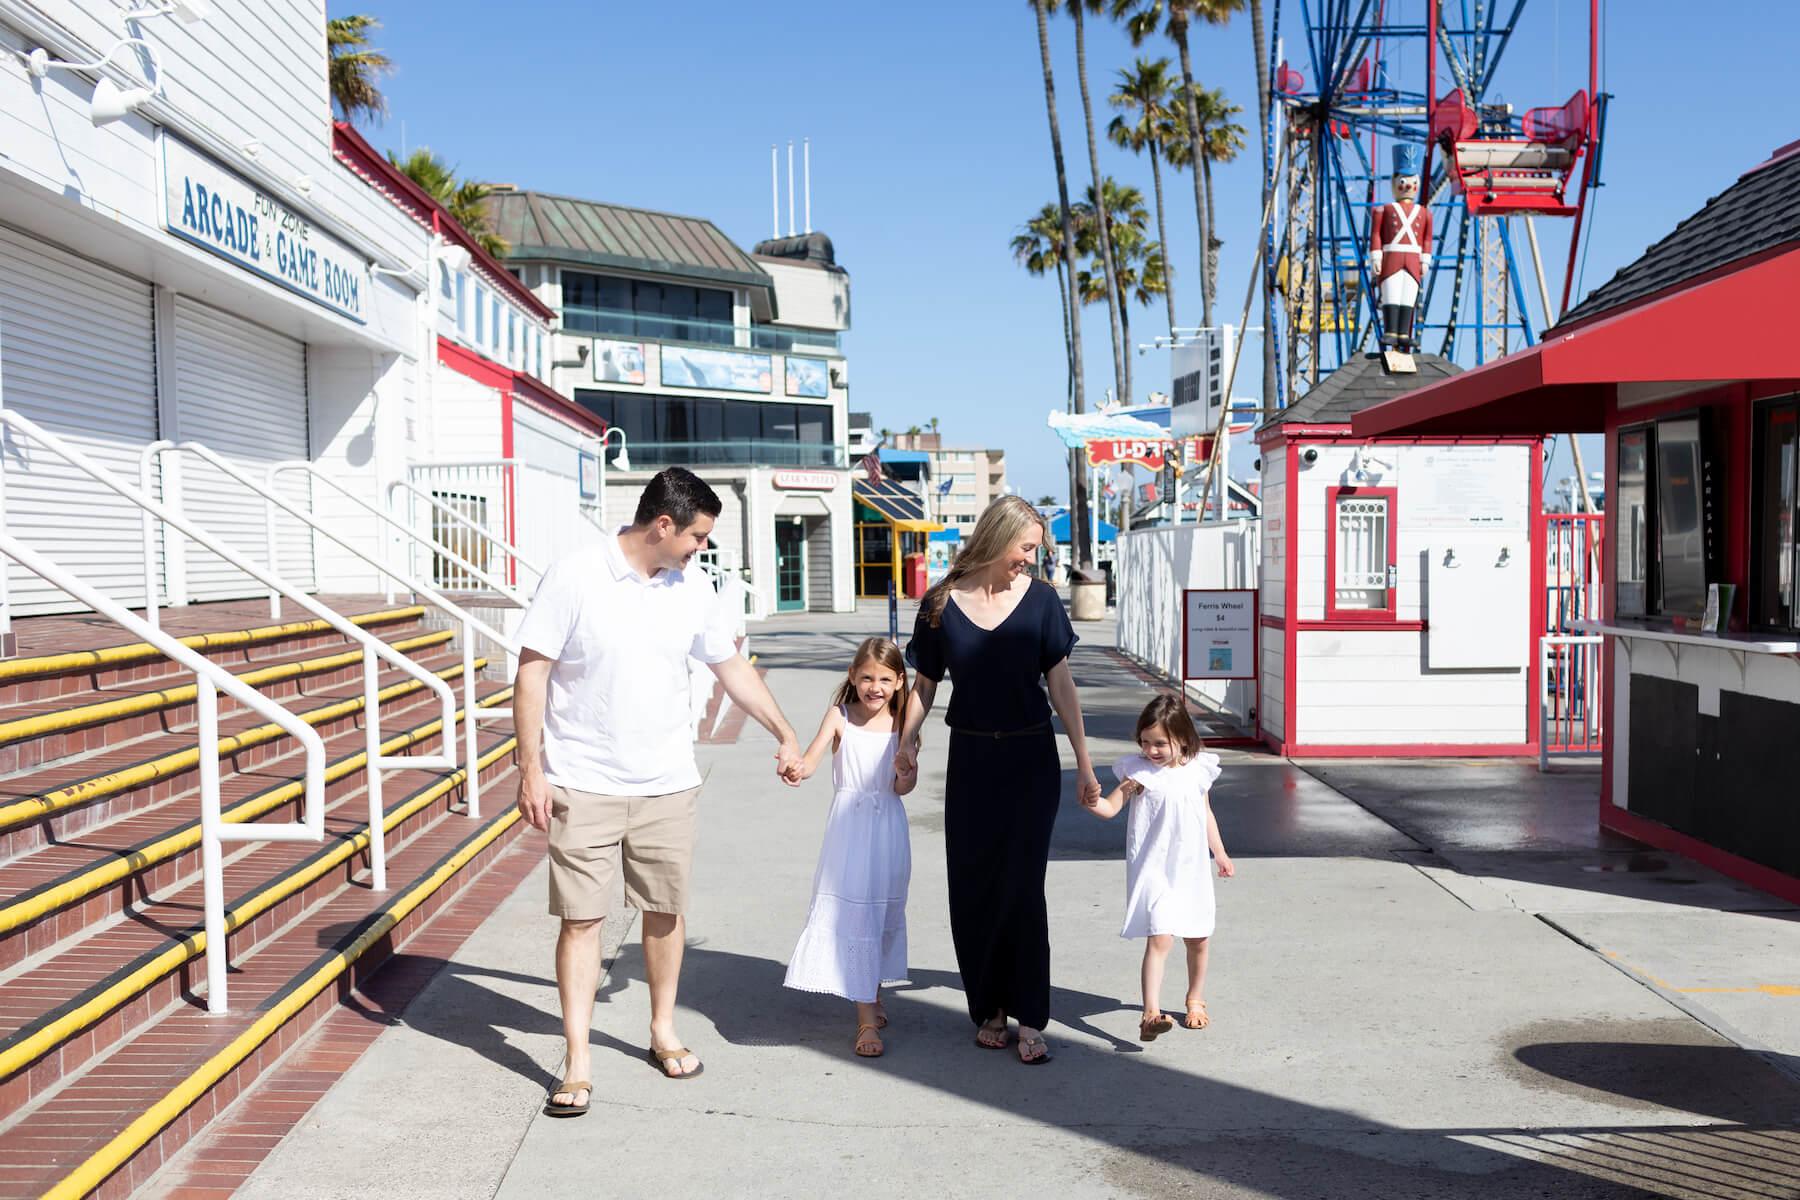 newport-beach-05-28-2019-family-trip-6_original